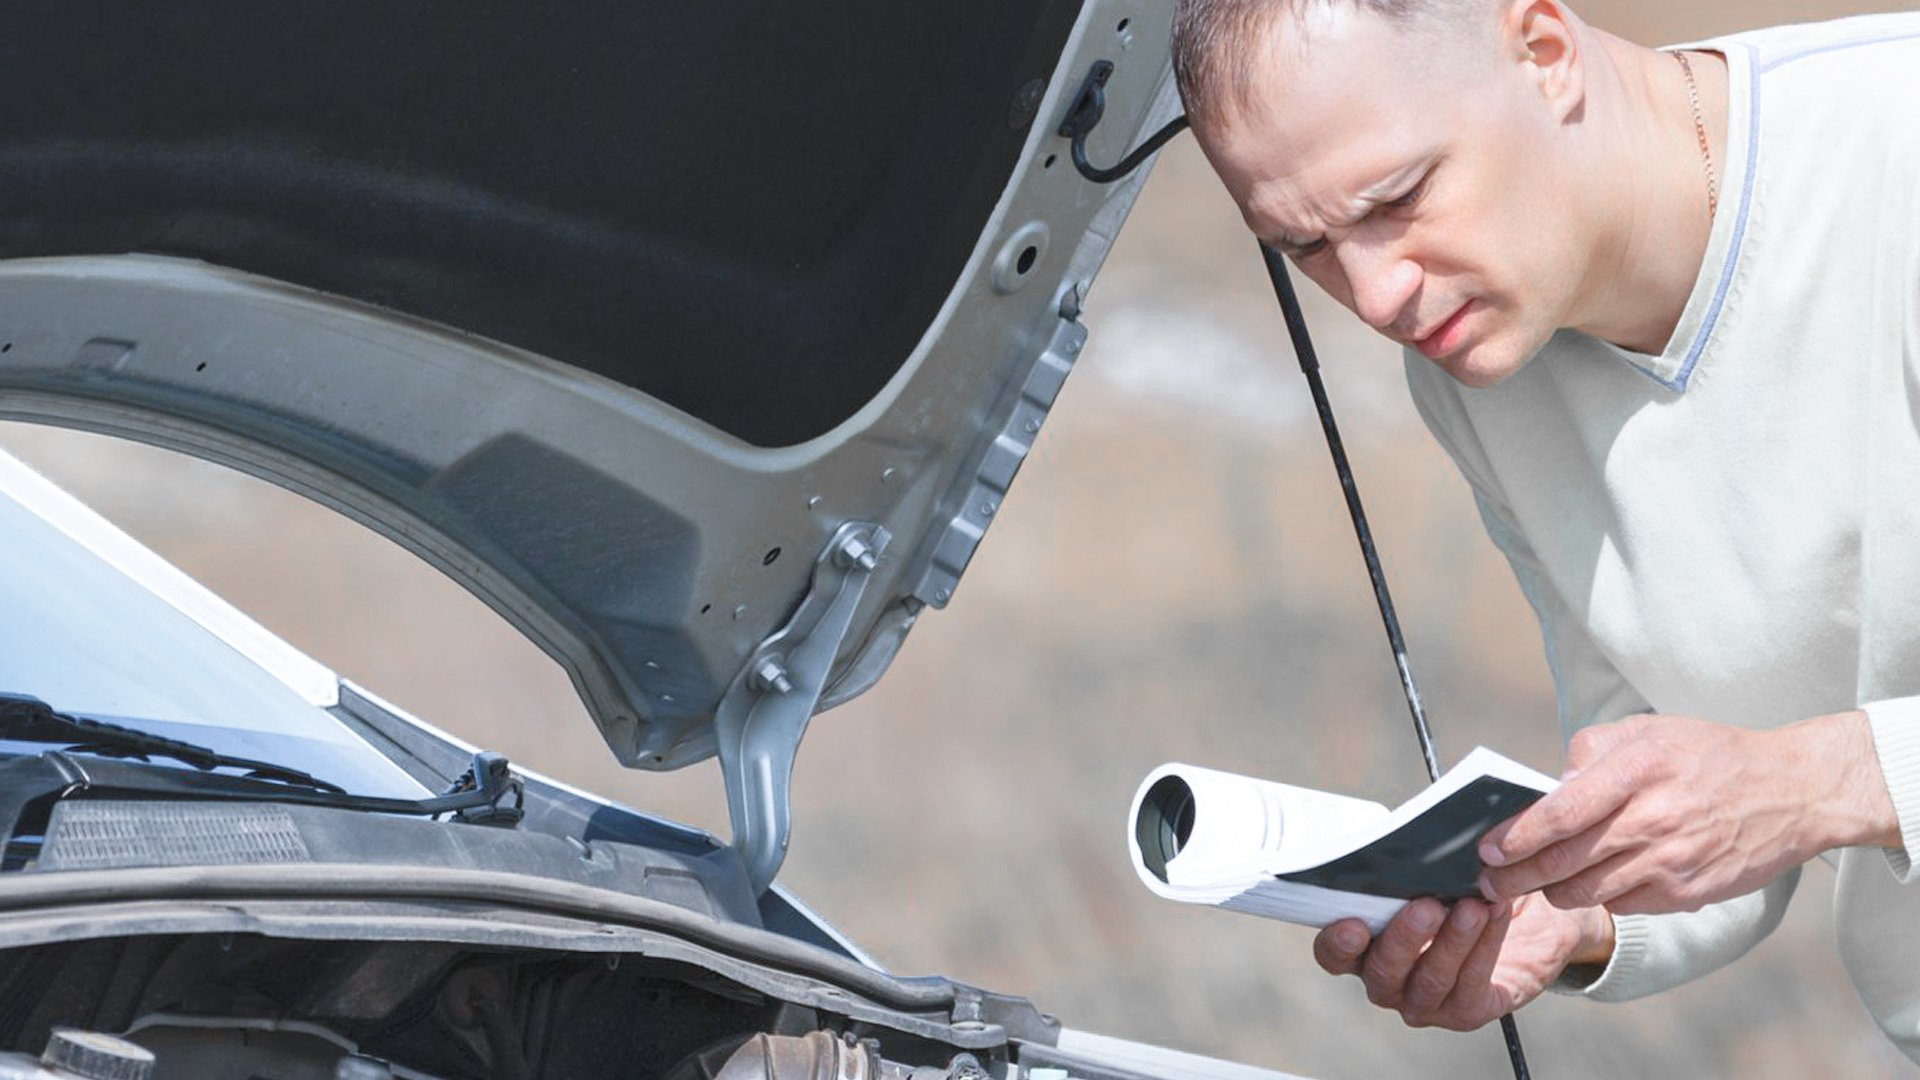 O manual do veículo é um grande aliado do proprietário